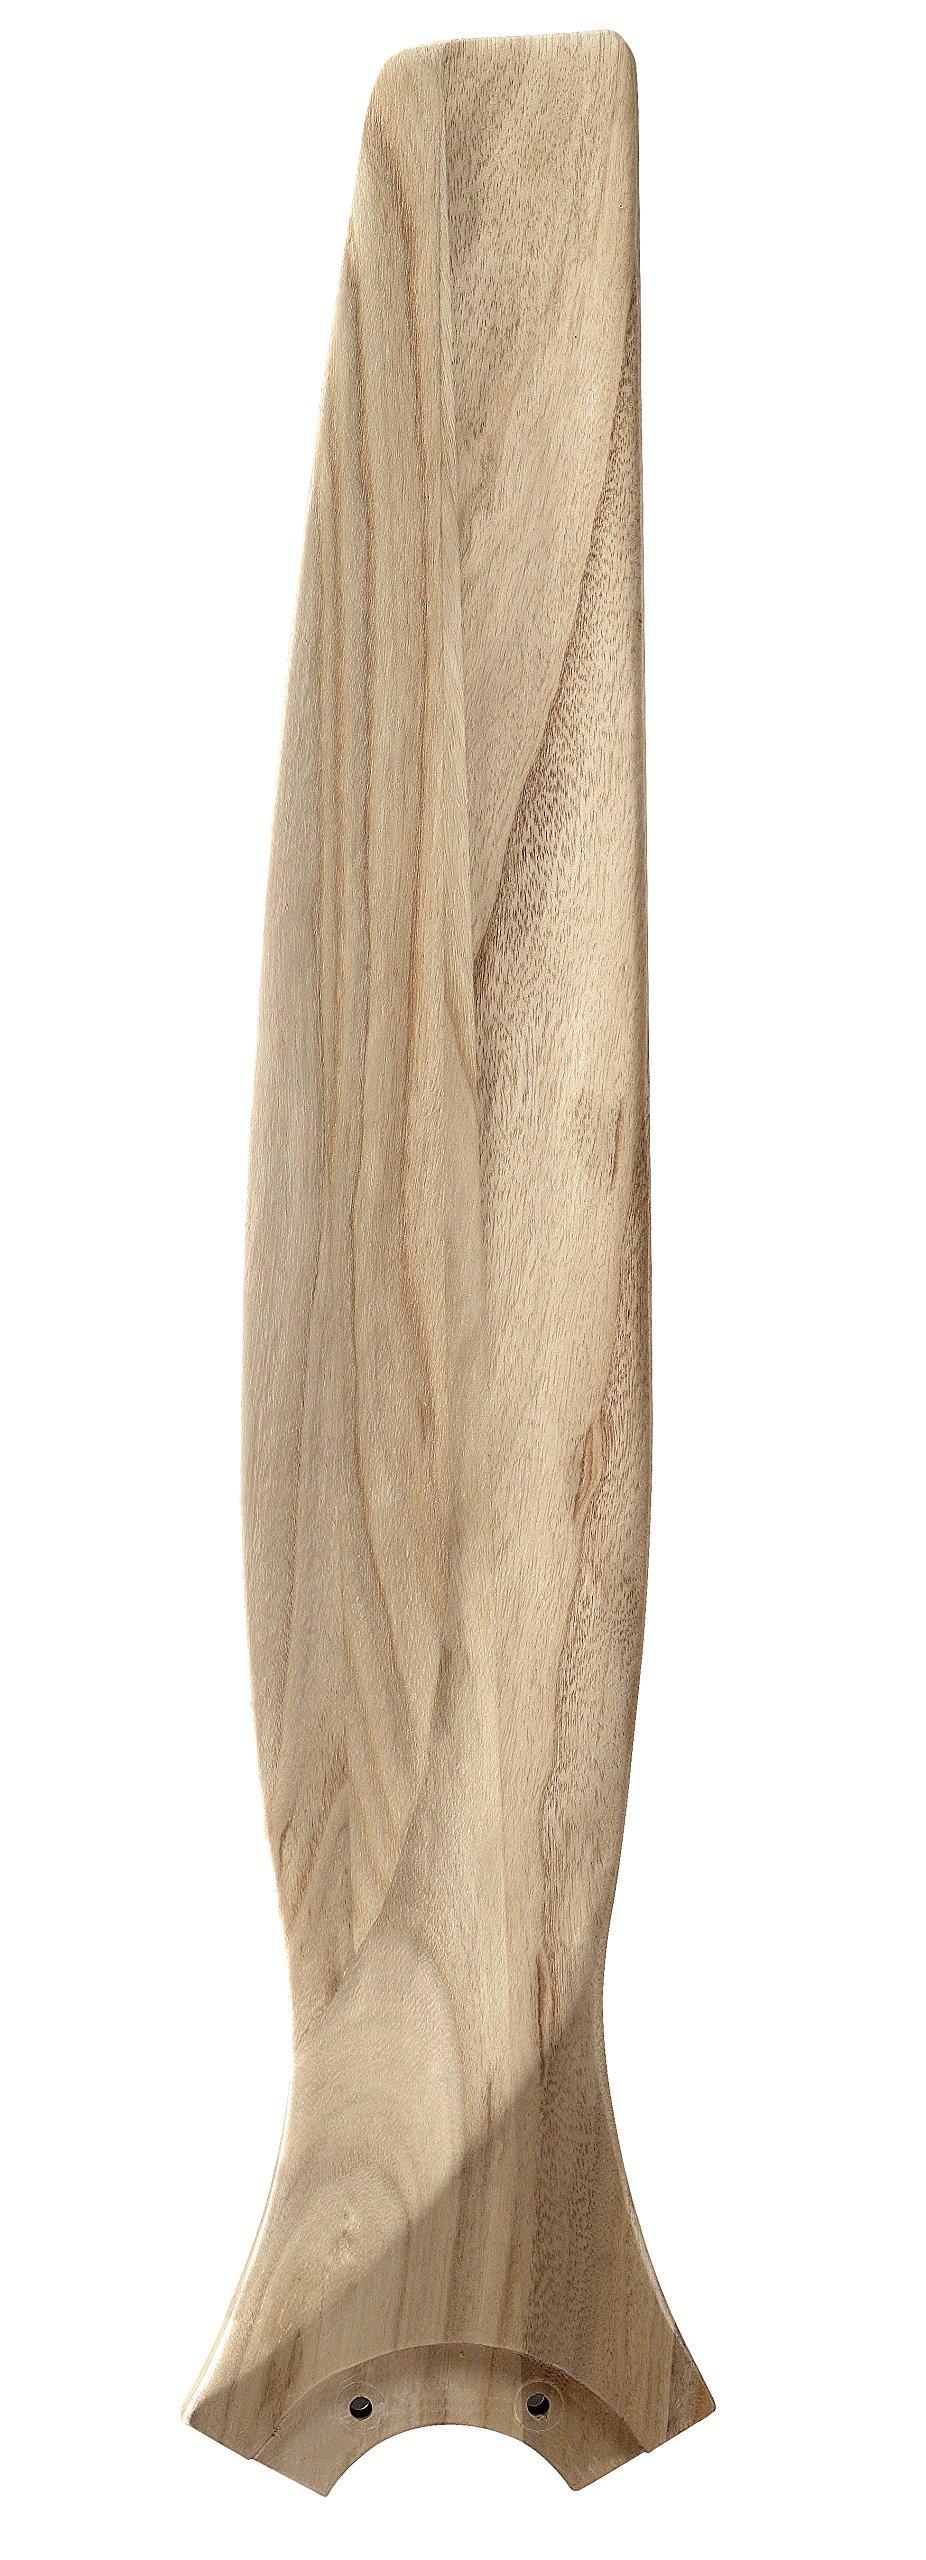 Fanimation B6720N 30'' Carved Wood Spitfire Blade, Natural